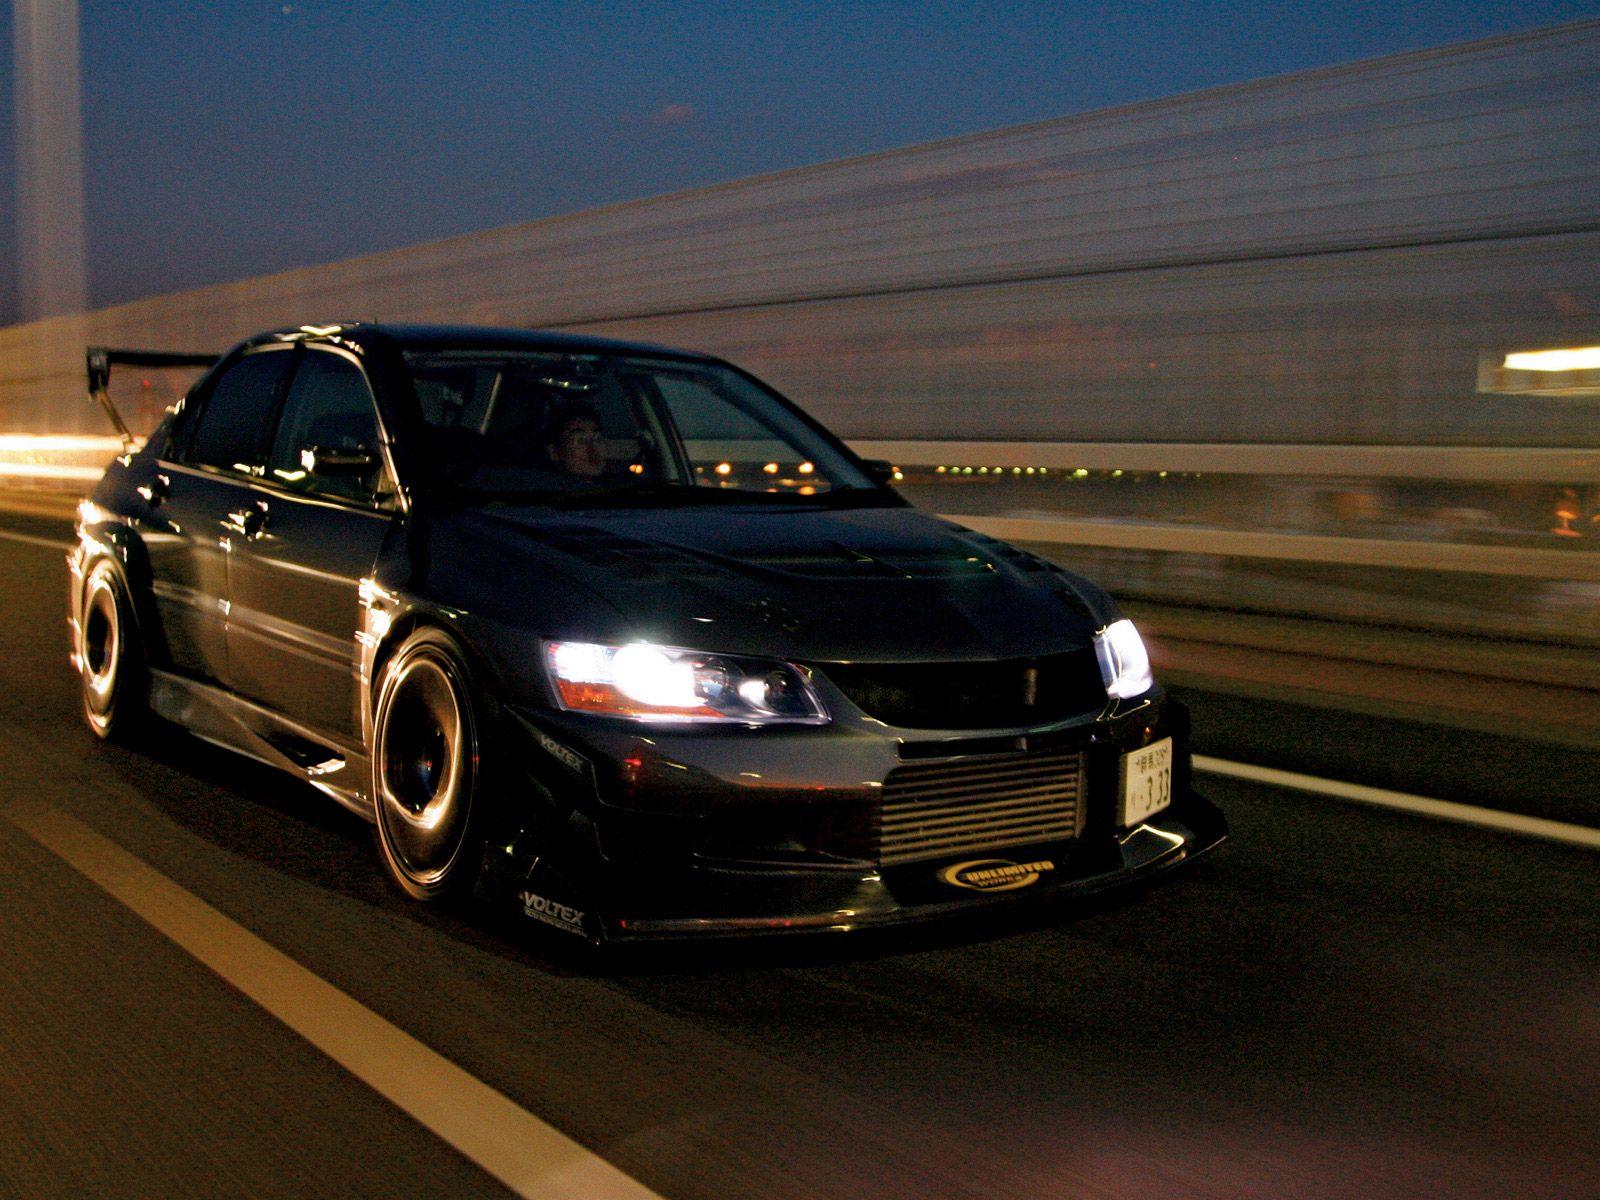 Mitsubishi evo 8 mr